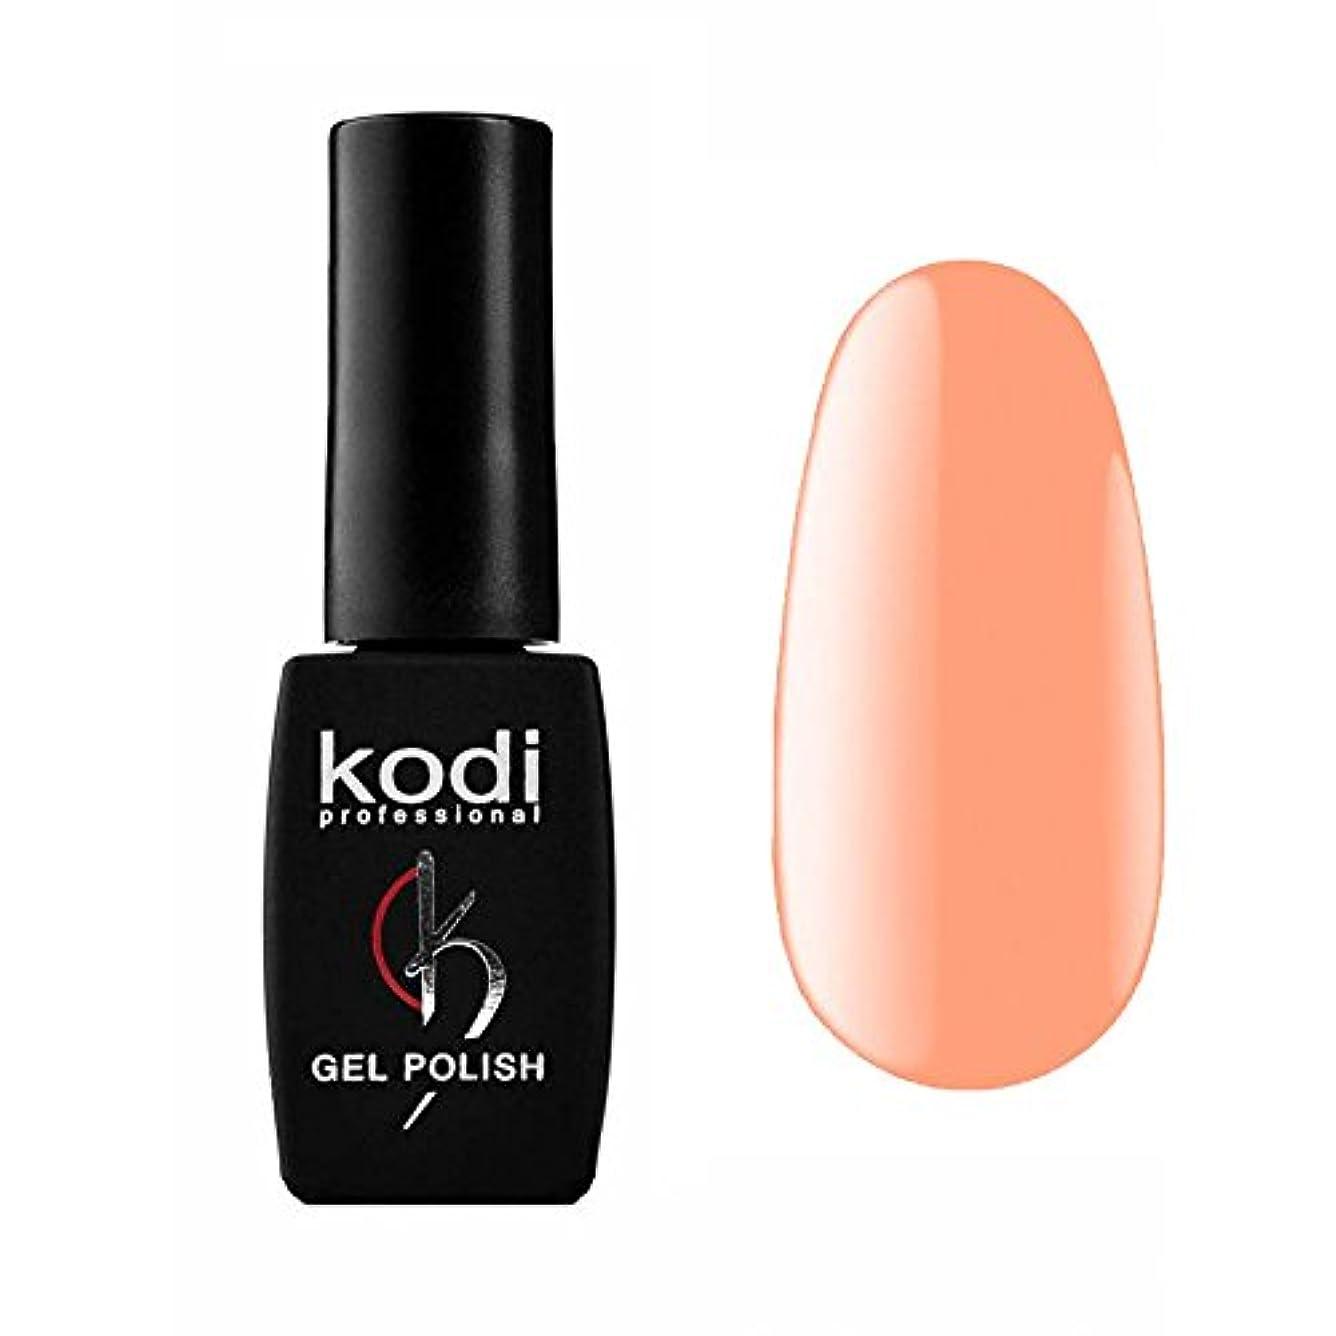 ブラインド割るポーターKodi Professional New Collection BR BRIGT #100 Color Gel Nail Polish 12ml 0.42 Fl Oz LED UV Genuine Soak Off